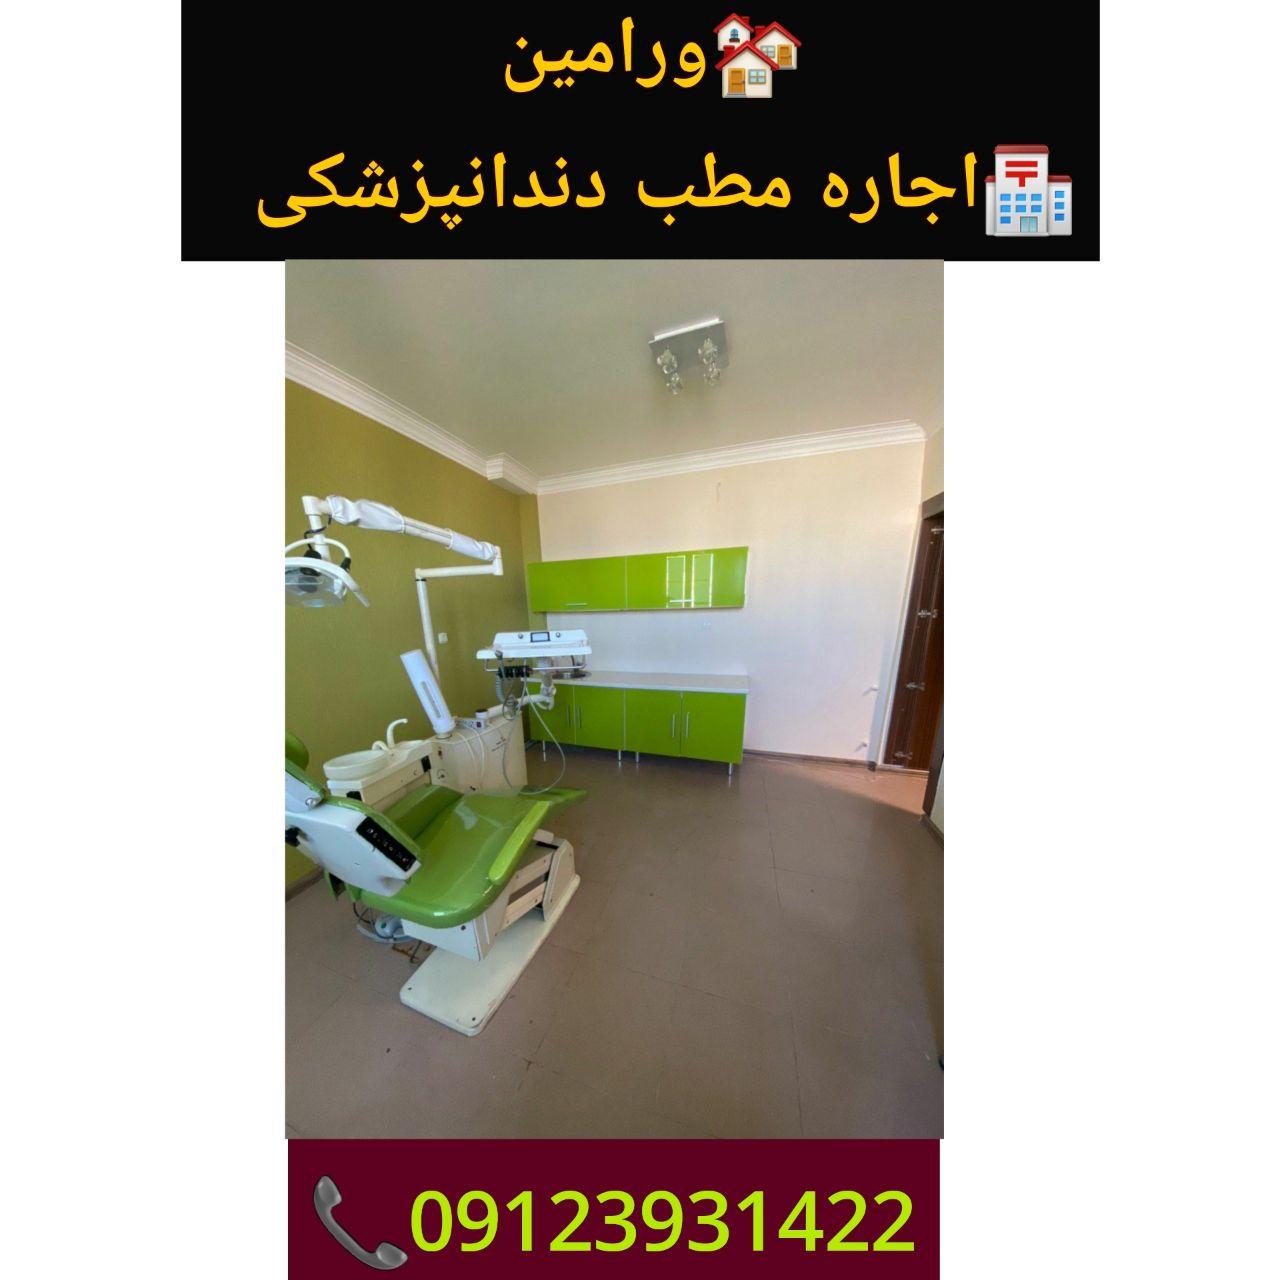 ورامین: اجاره مطب دندانپزشکی